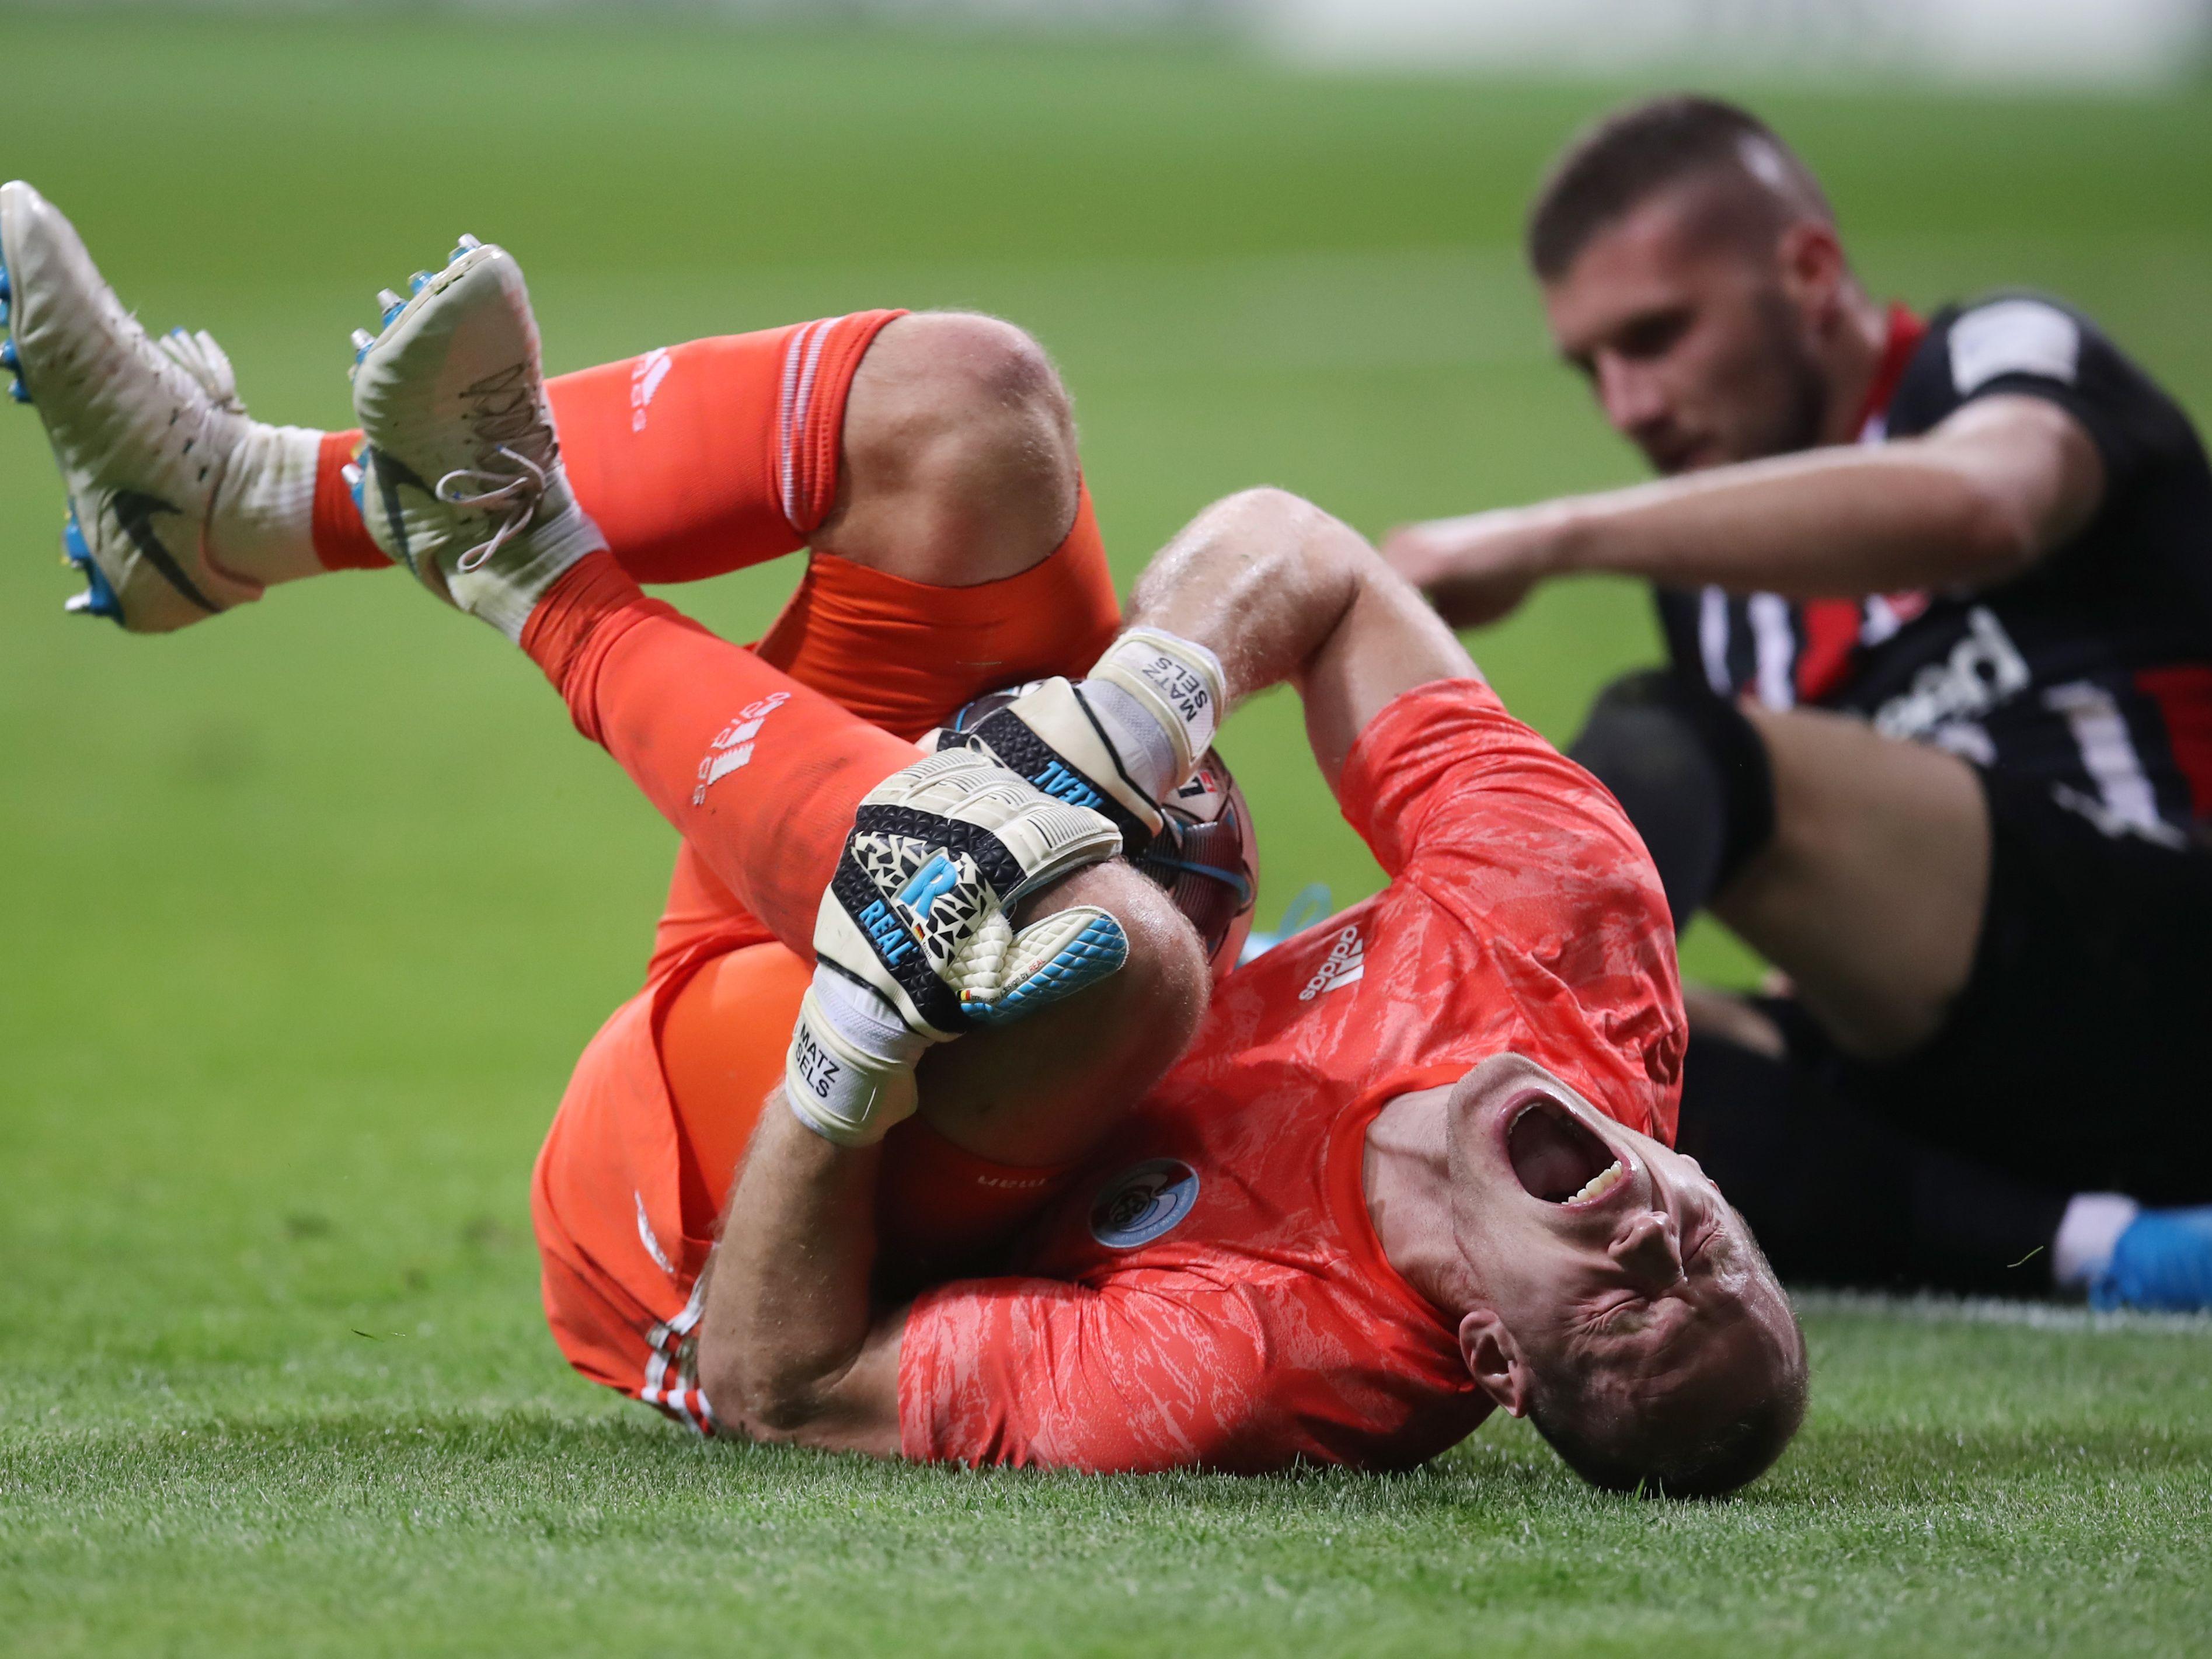 Umstrittene Szene: Ante Rebic kam zwar zu spät gegen Matz Sels, der machte aber zu viel daraus. Zu viel war auch Rot für den Kroaten.